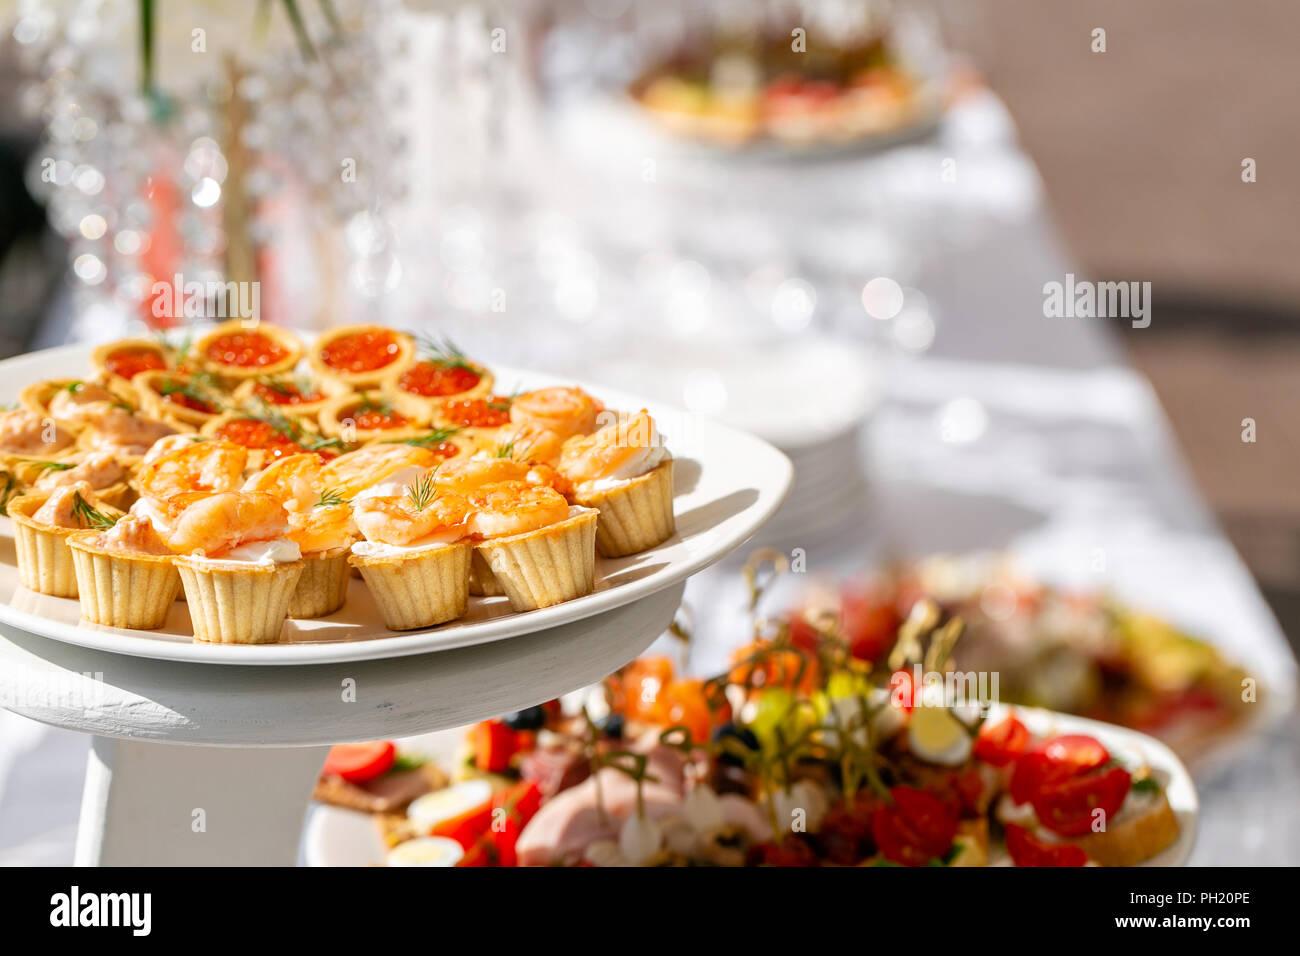 Feierliches Bankett. Viele Gläser Champagner oder Wein auf dem Tisch im Restaurant Buffet mit vielen leckeren Snacks. Canapees, Bruschetta, und kleine Desserts auf Holzplatte board Stockbild